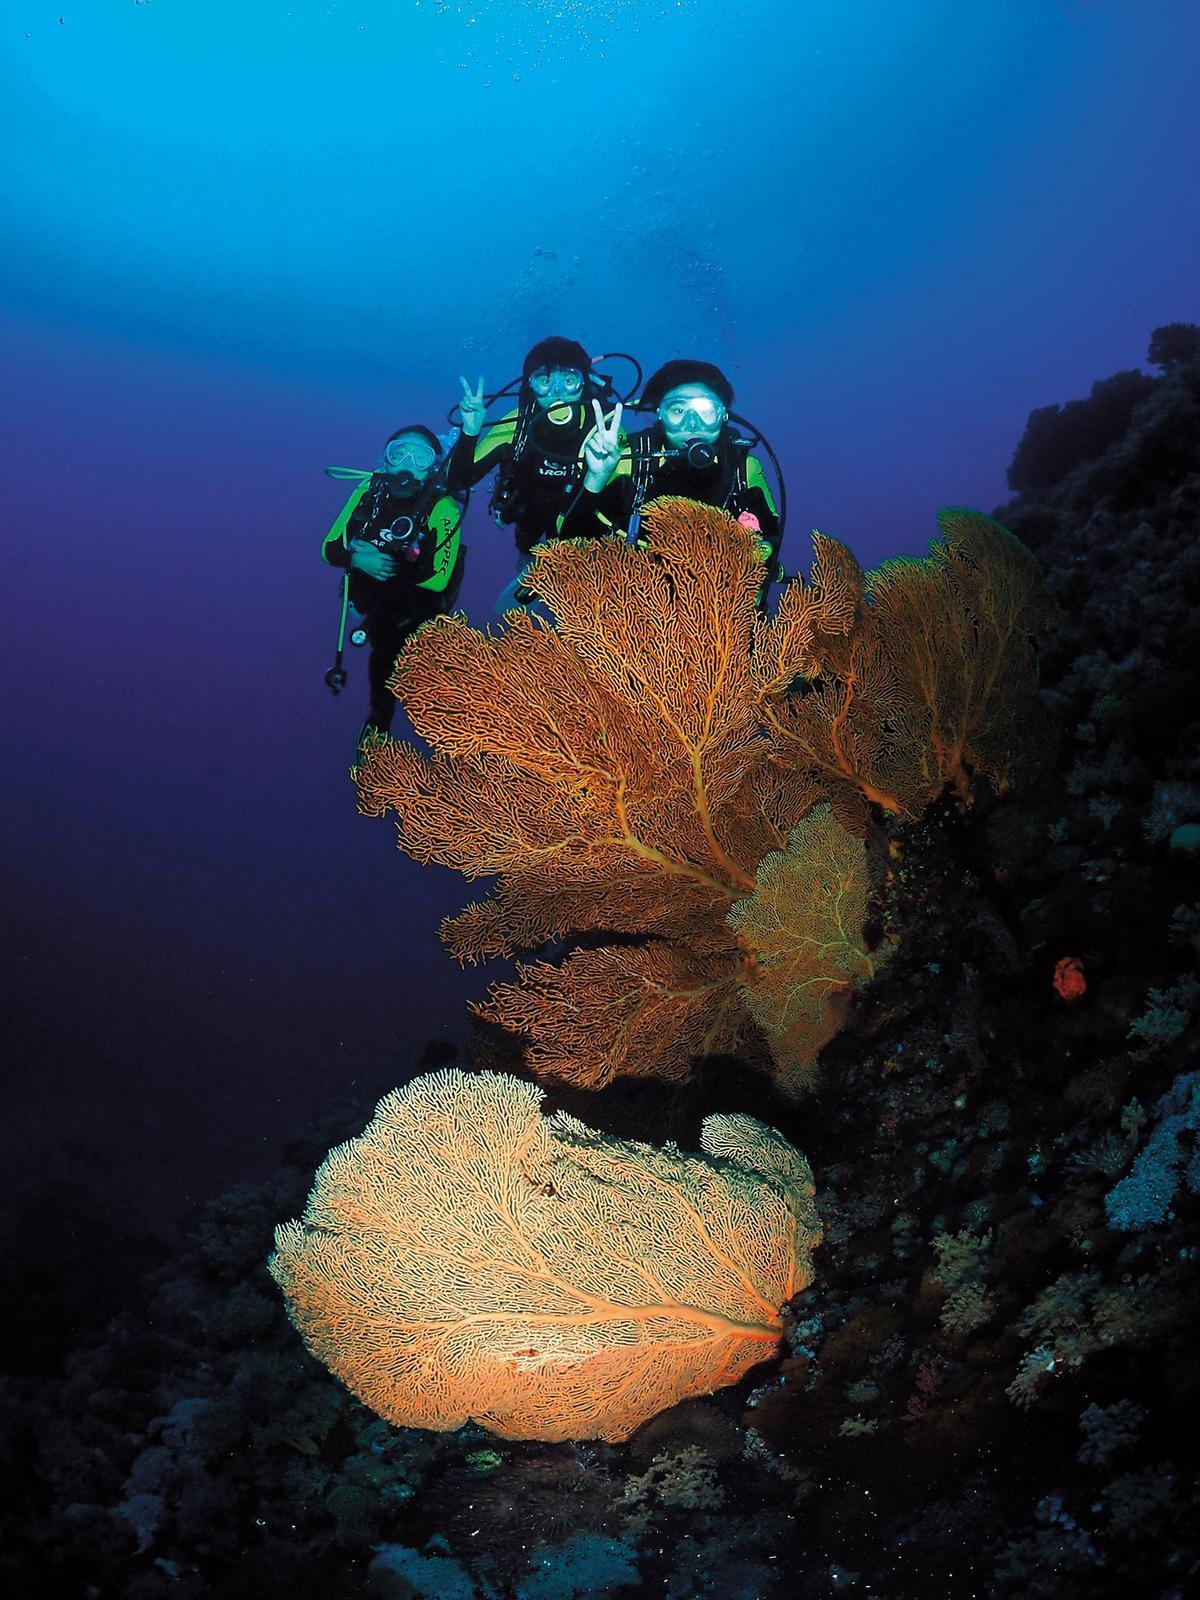 騏艦藍海灣的體驗潛水皆為1對1教練指導,還會有專人協助拍照。(騏艦藍海灣提供)